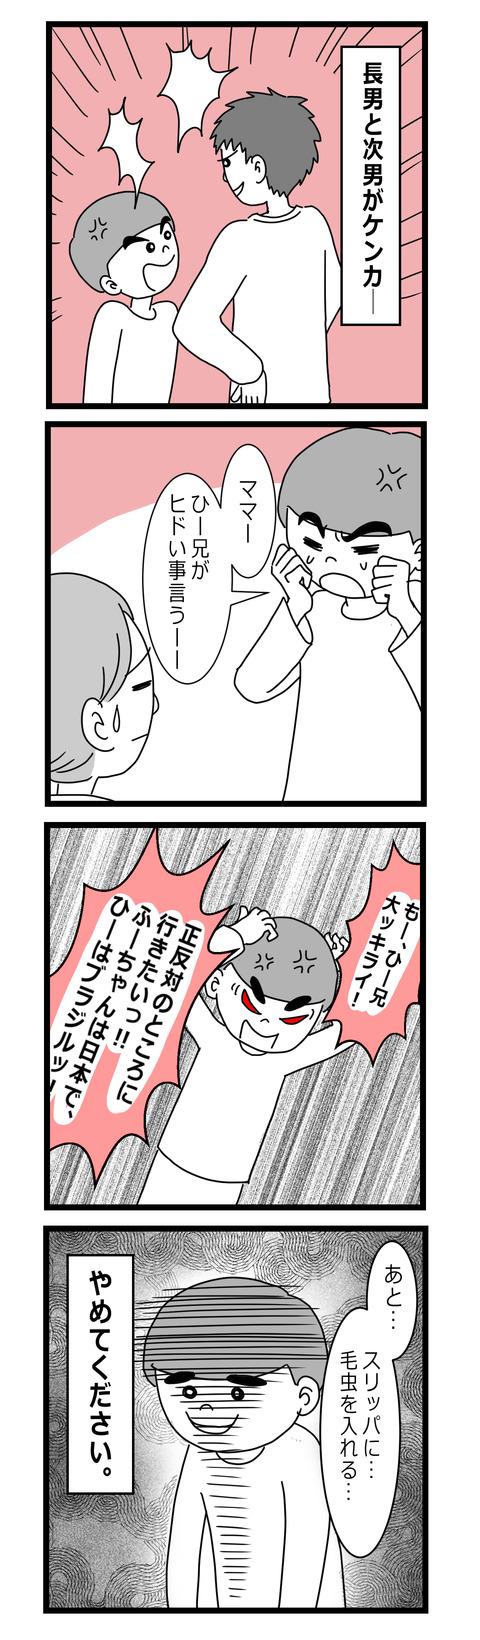 55 ふうちゃんの復讐(1才〜1才半)